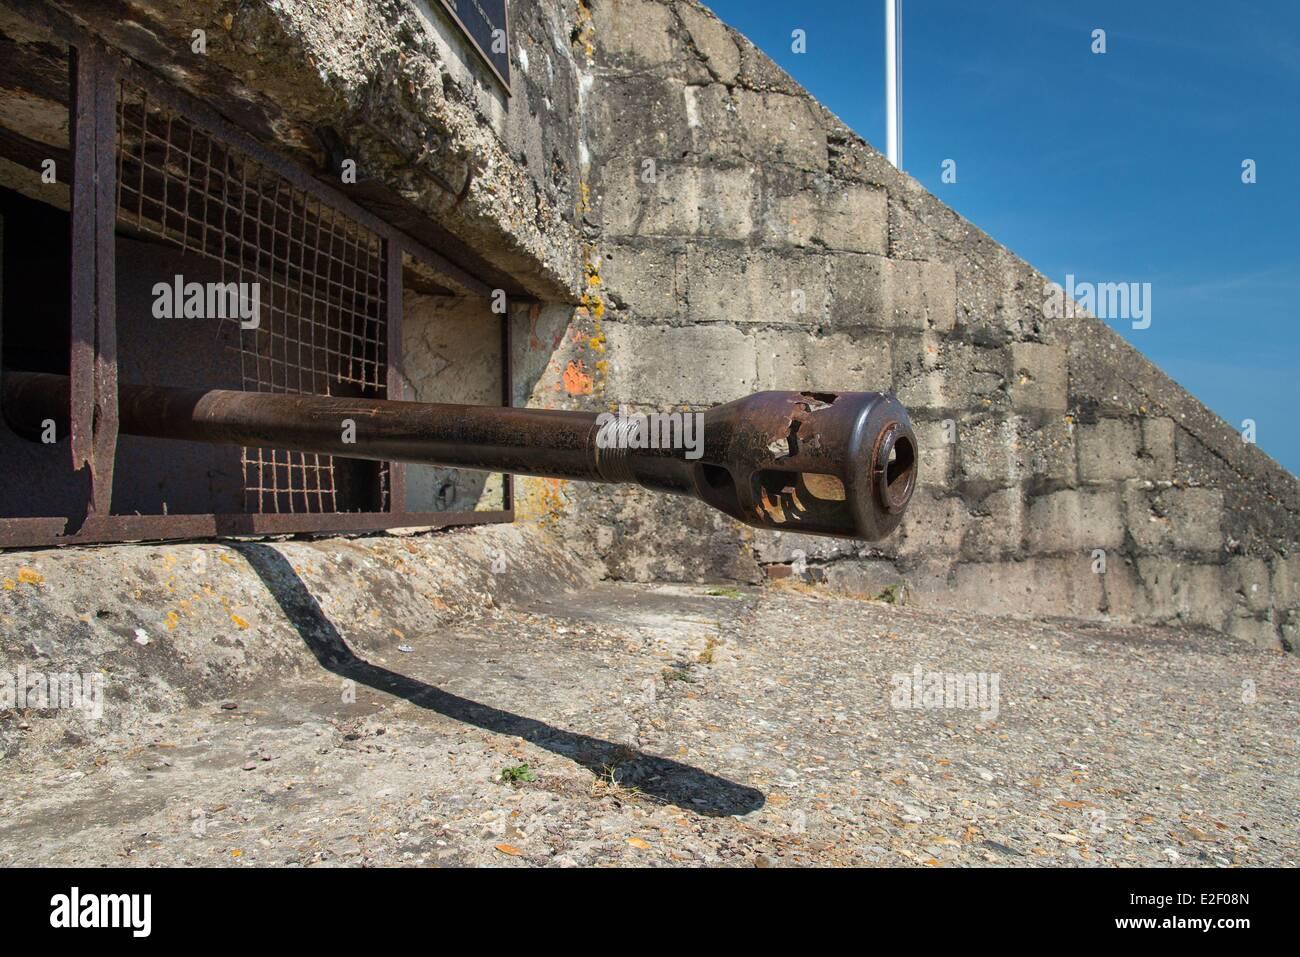 France Calvados Saint Laurent sur Mer Mur de l'Atlantique Ruquet bunker bunker allemand point fort équipé d'un canon antichar Banque D'Images